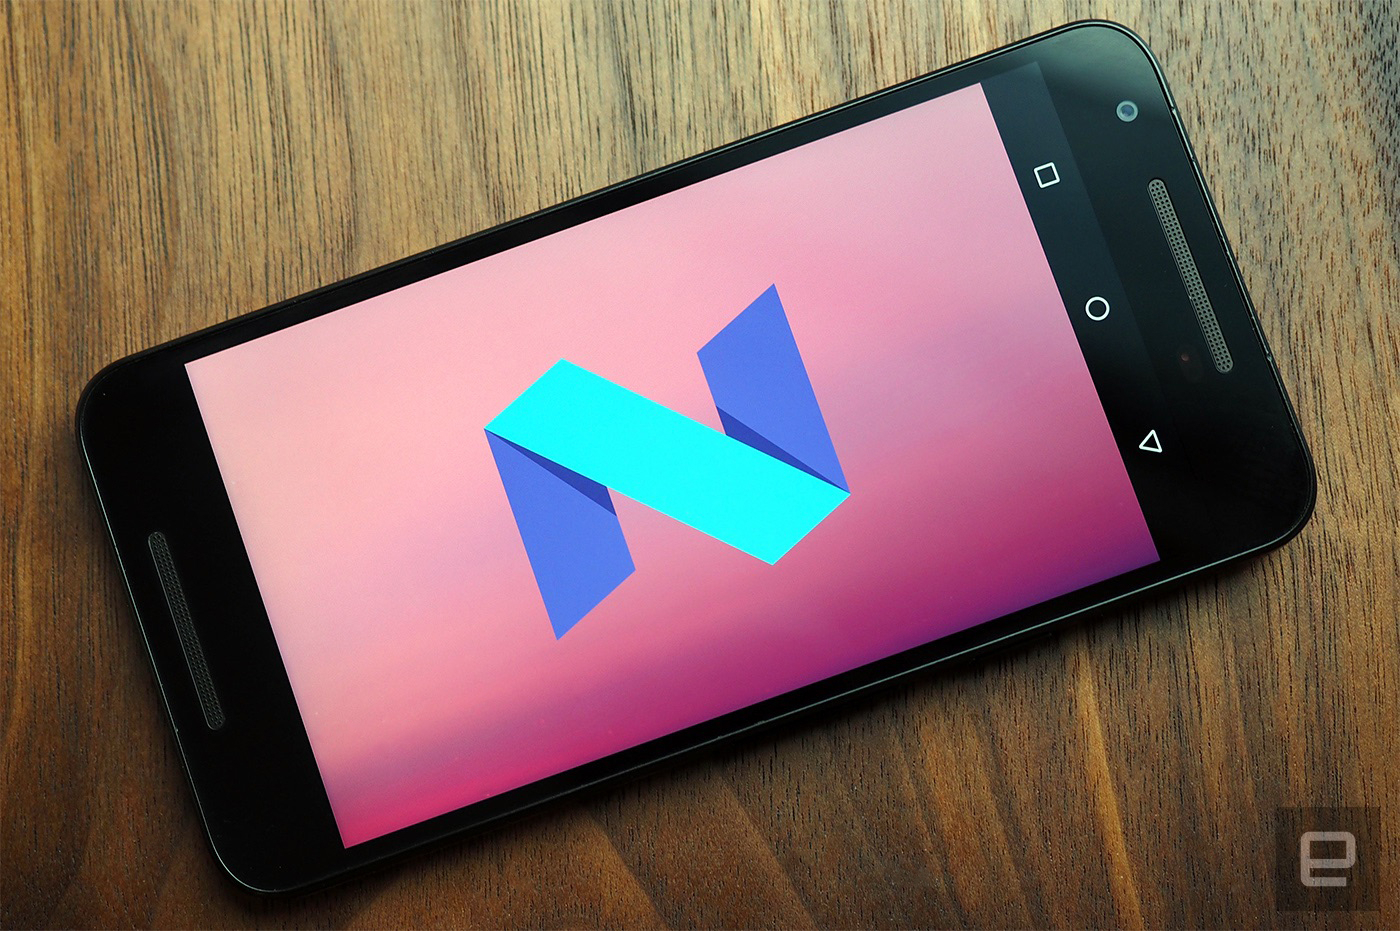 s.aolcdn 2 Android 7.0 Nougat comienza a llegar a los terminales Nexus